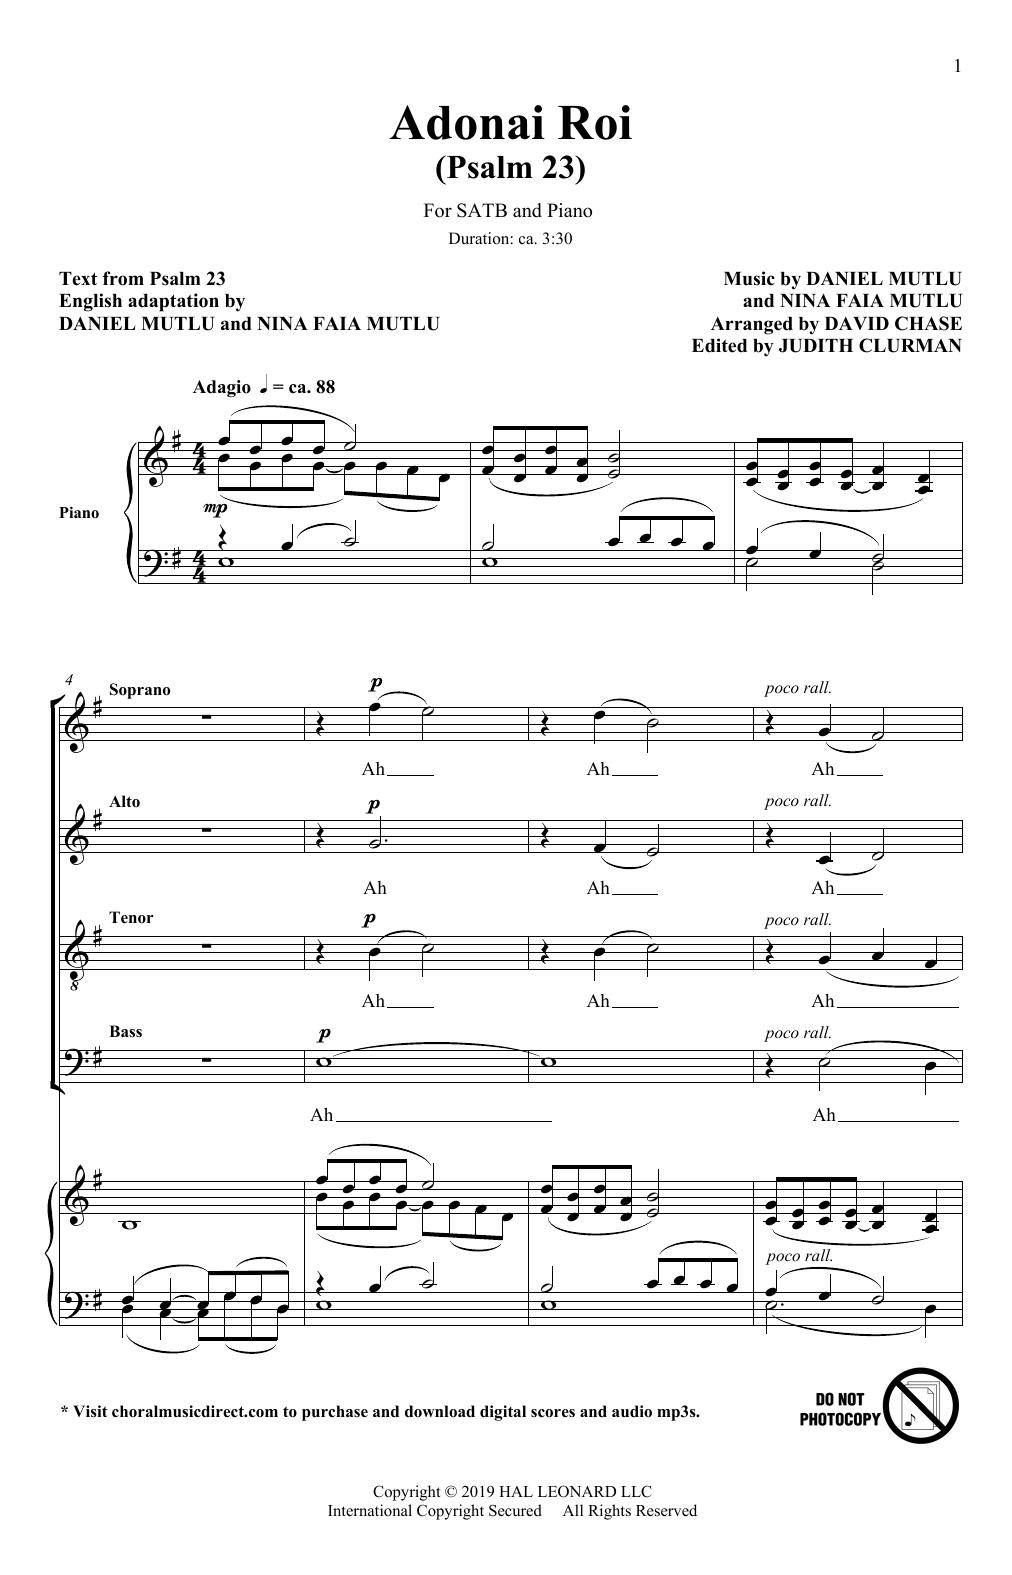 Adonai Roi (Psalm 23) (Rejoice: Honoring the Jewish Spirit) (arr. David Chase) (SATB Choir)